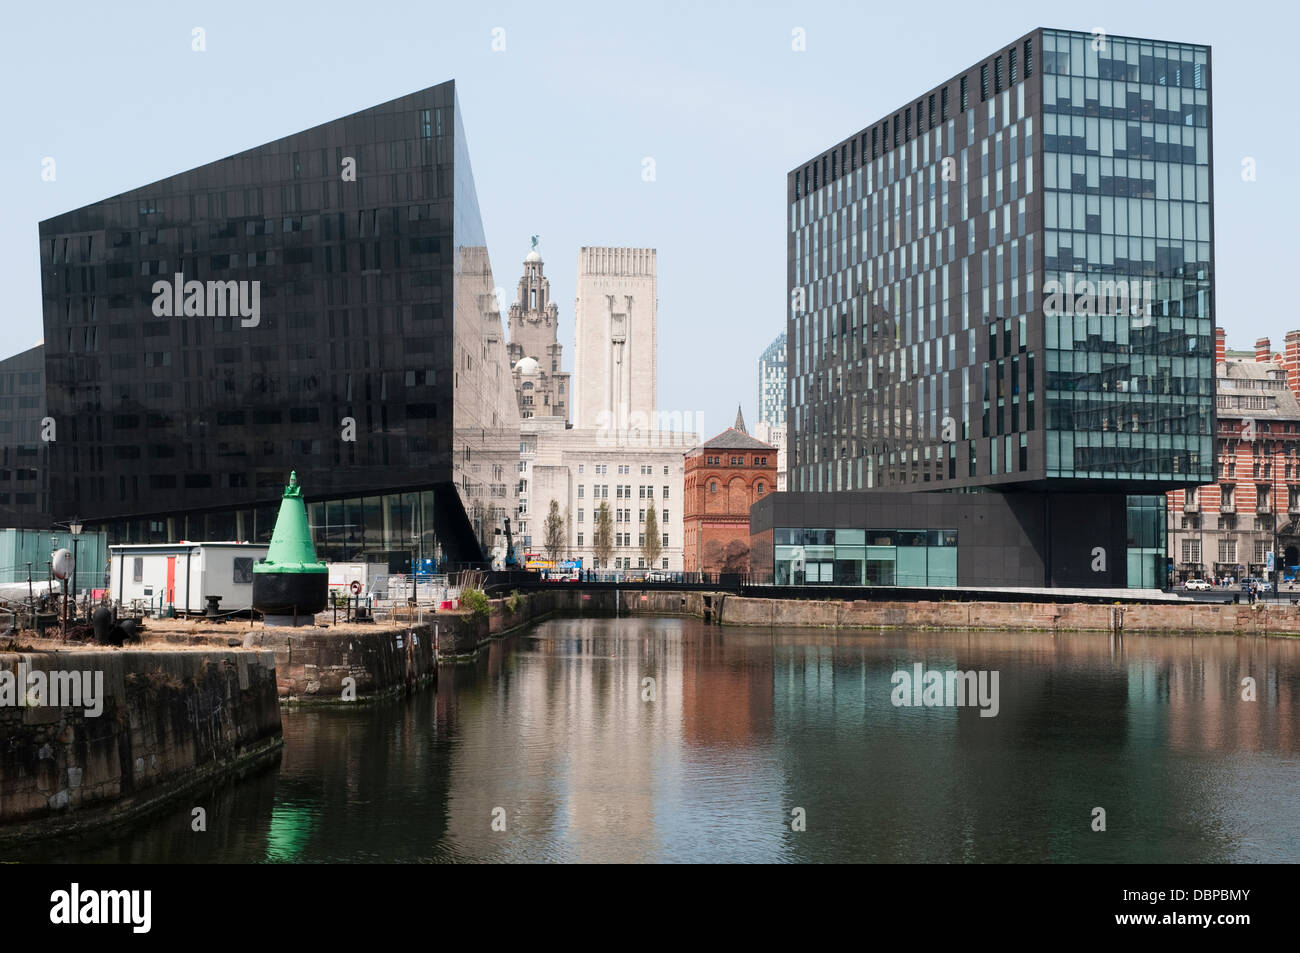 Les bâtiments anciens et modernes, la ruse Dock, Liverpool, Royaume-Uni Photo Stock